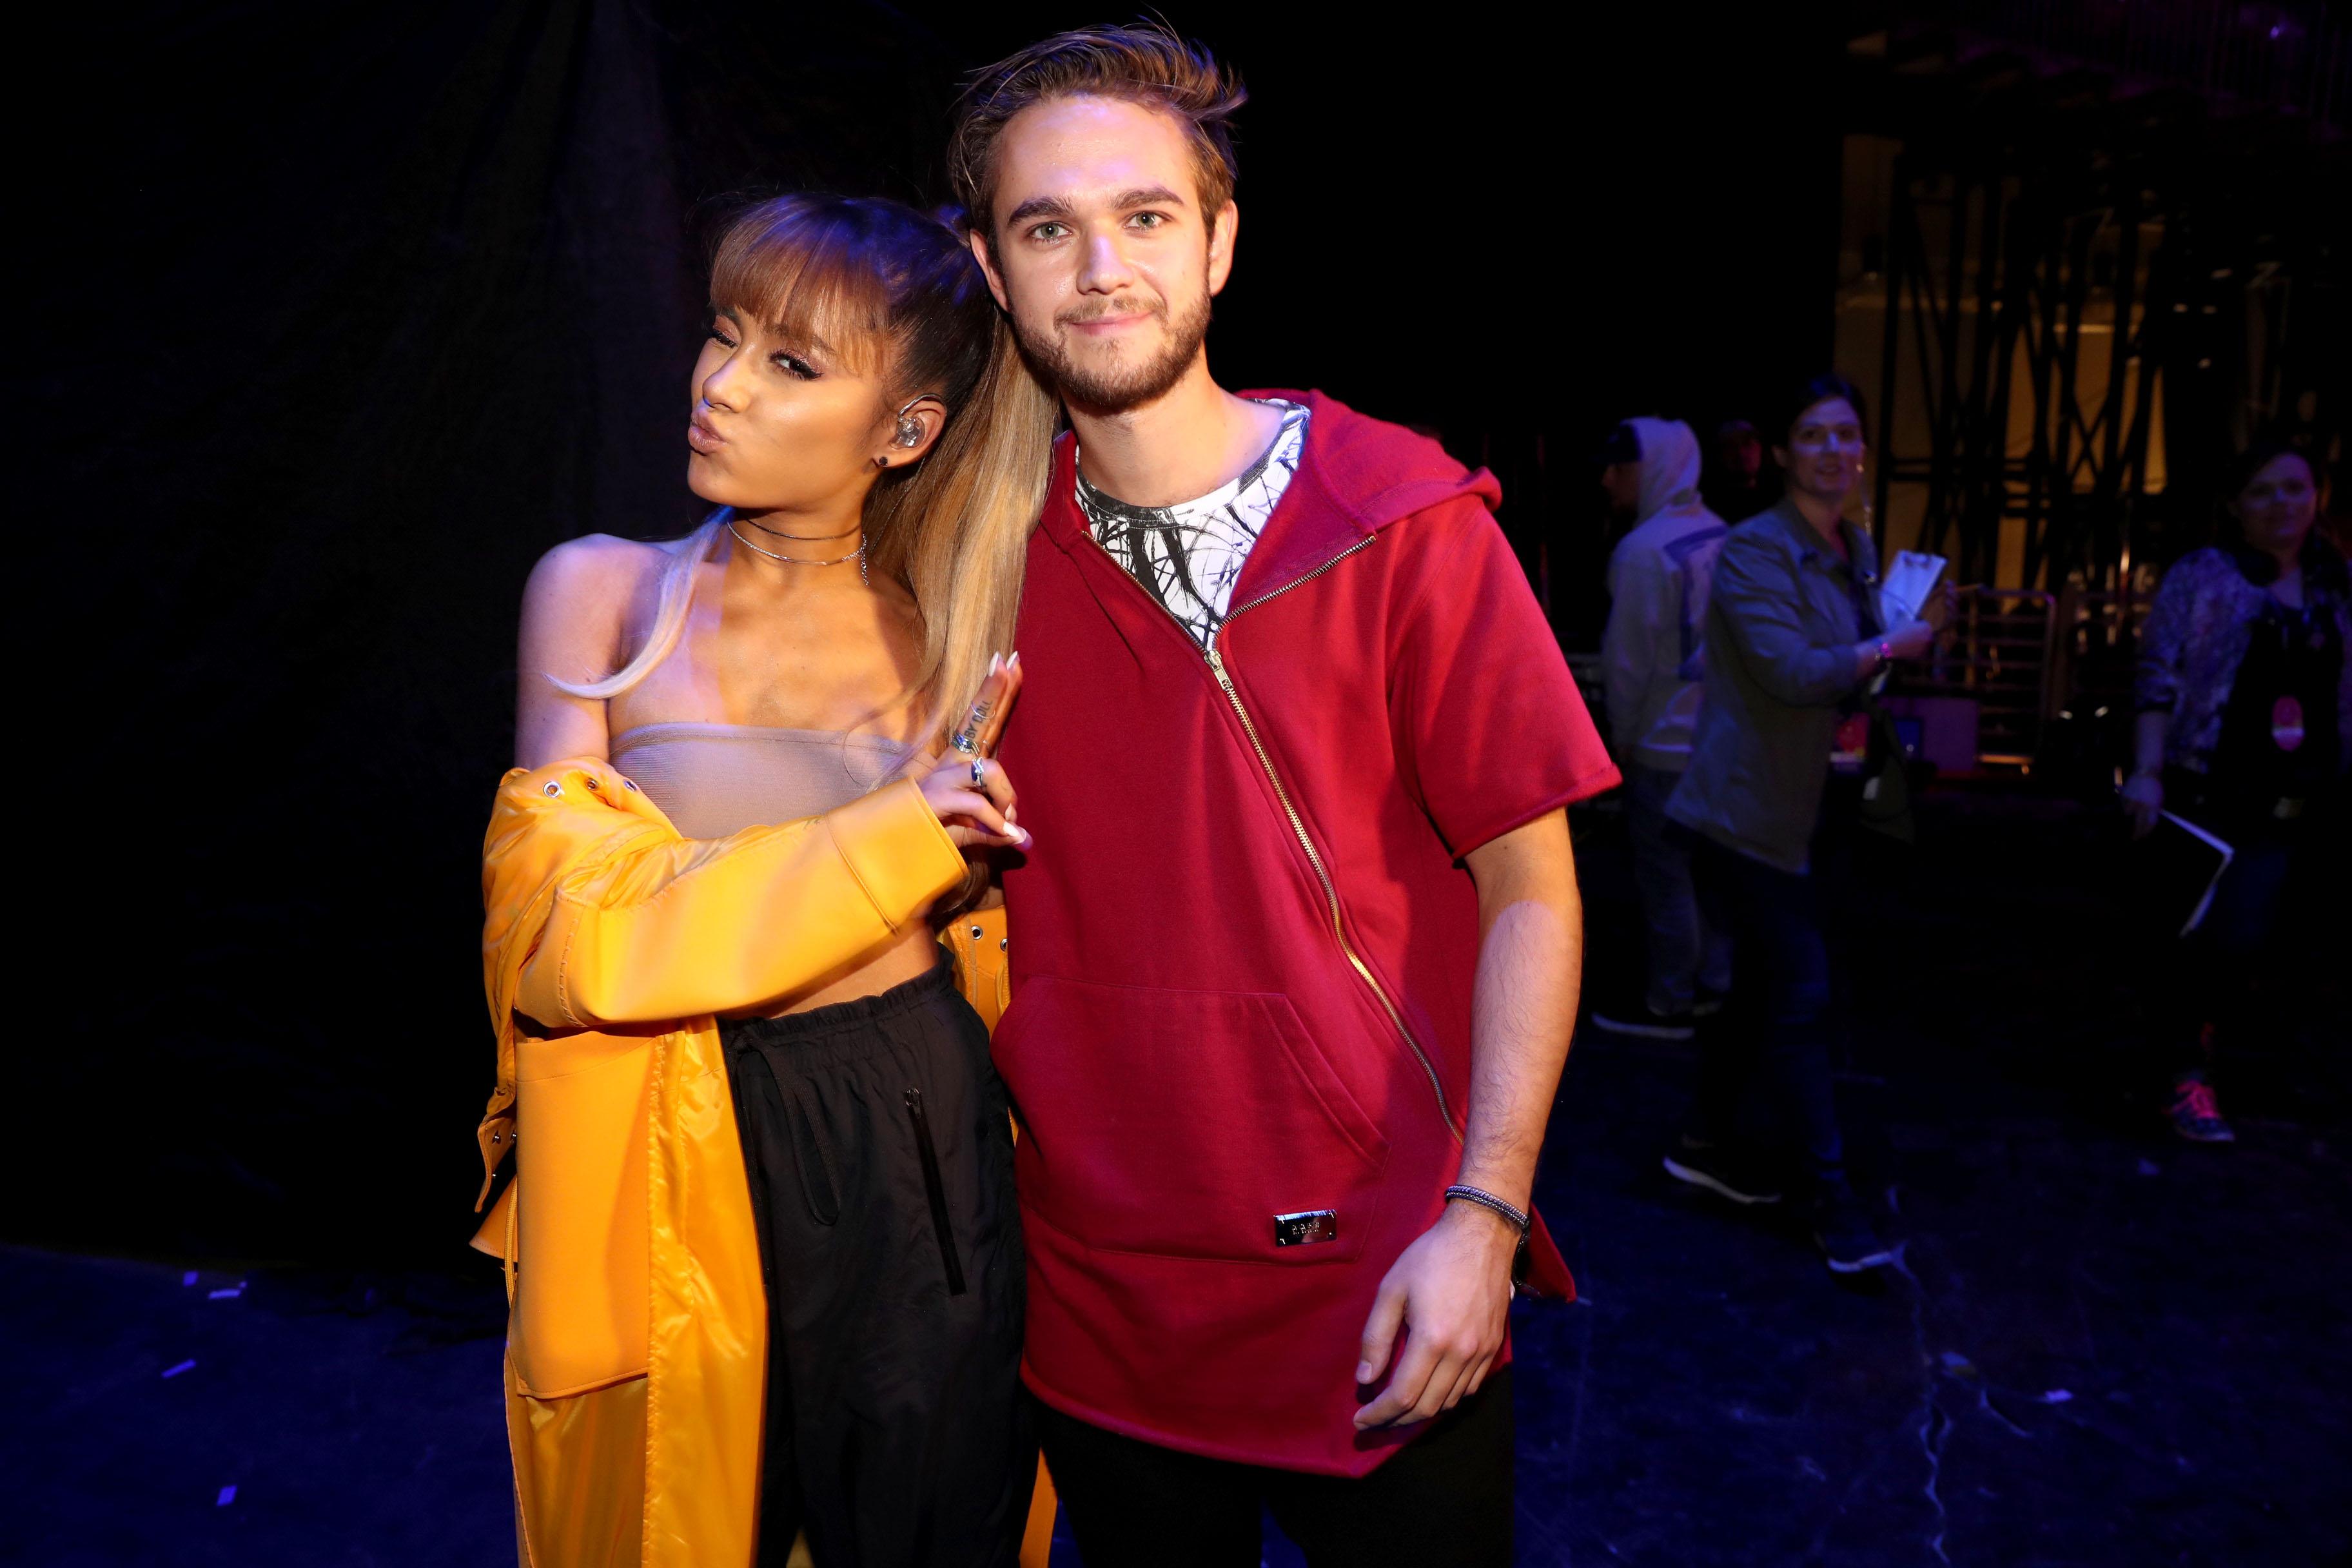 Ariana Grande & Zedd perfoprm at the 2016 iHeartRa